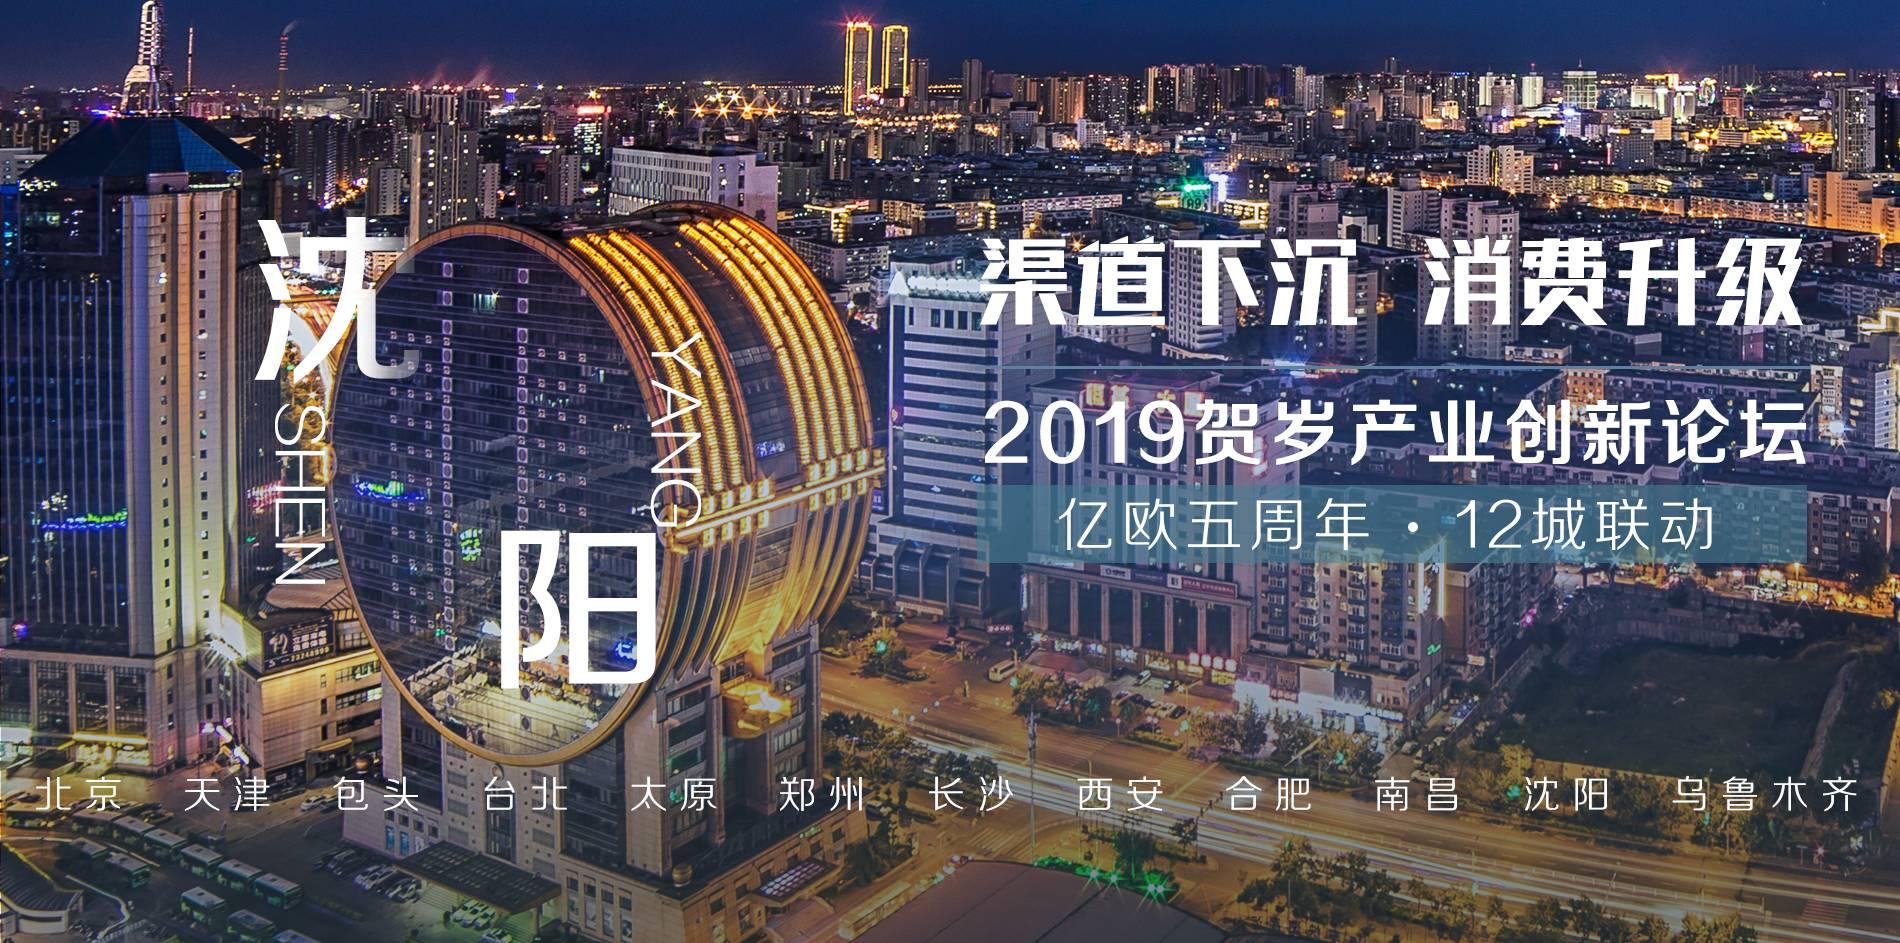 【活动】【渠道下沉·产业升级】2019贺岁产业创新论坛·沈阳站-亿欧